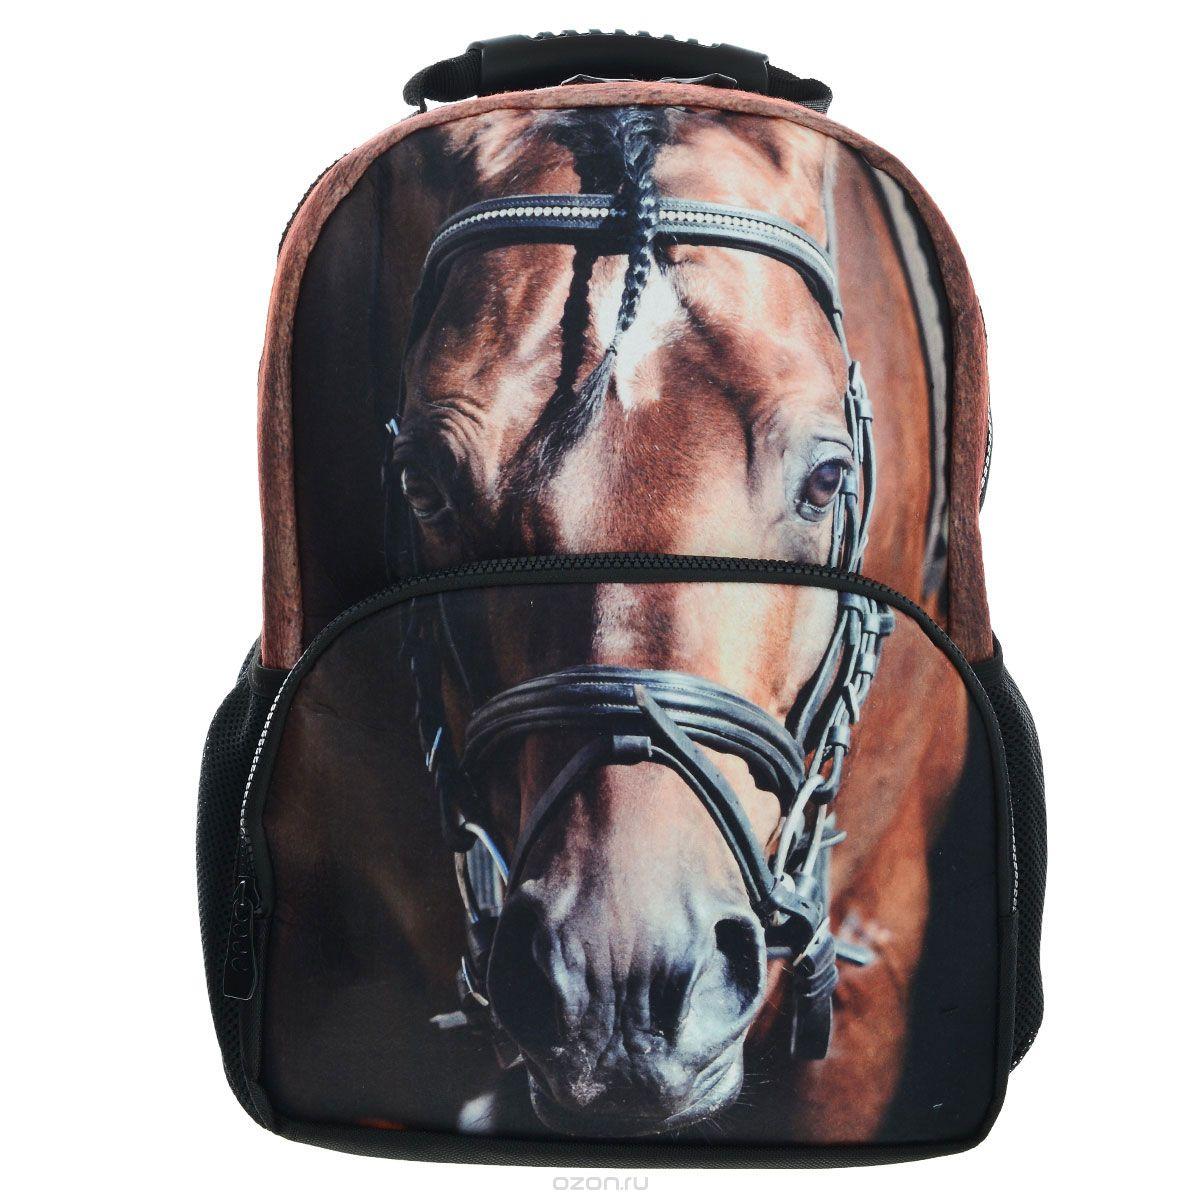 Рюкзак школьный Trend Line Horse, цвет: черный. NR_0005872523WDСтильный школьный рюкзак Trend Line выполнен из полиэстера, дополнен вставкой из флиса, которая оформлена художественной печатью с изображением Horse. Рюкзак имеет одно основное отделение, закрывающееся на застежку-молнию. Снаружи, на лицевой стороне, рюкзака размещен накладной карман на молнии, внутри которого предусмотрен еще один накладной карман на липучке. С двух сторон изделия расположены два накладных сетчатых кармашка. В верхней части изделия предусмотрена эргономичная ручка для переноски, а также предусмотрены регулируемые лямки.Такой рюкзак станет незаменимым спутником вашего ребенка в походах за знаниями.